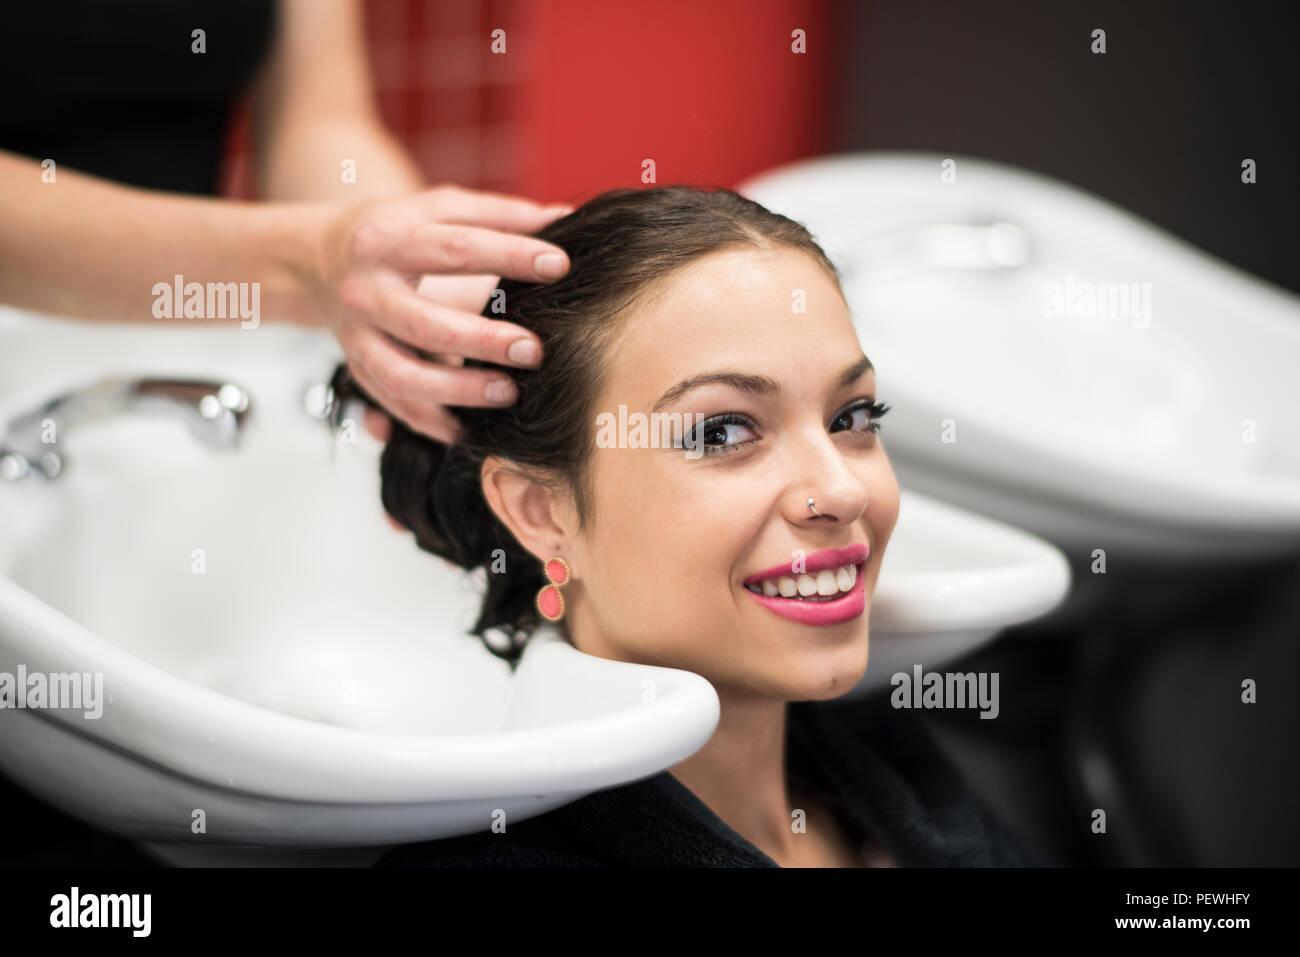 Hairdresser washing latin woman hair in hairdressing saloon sink - Stock Image